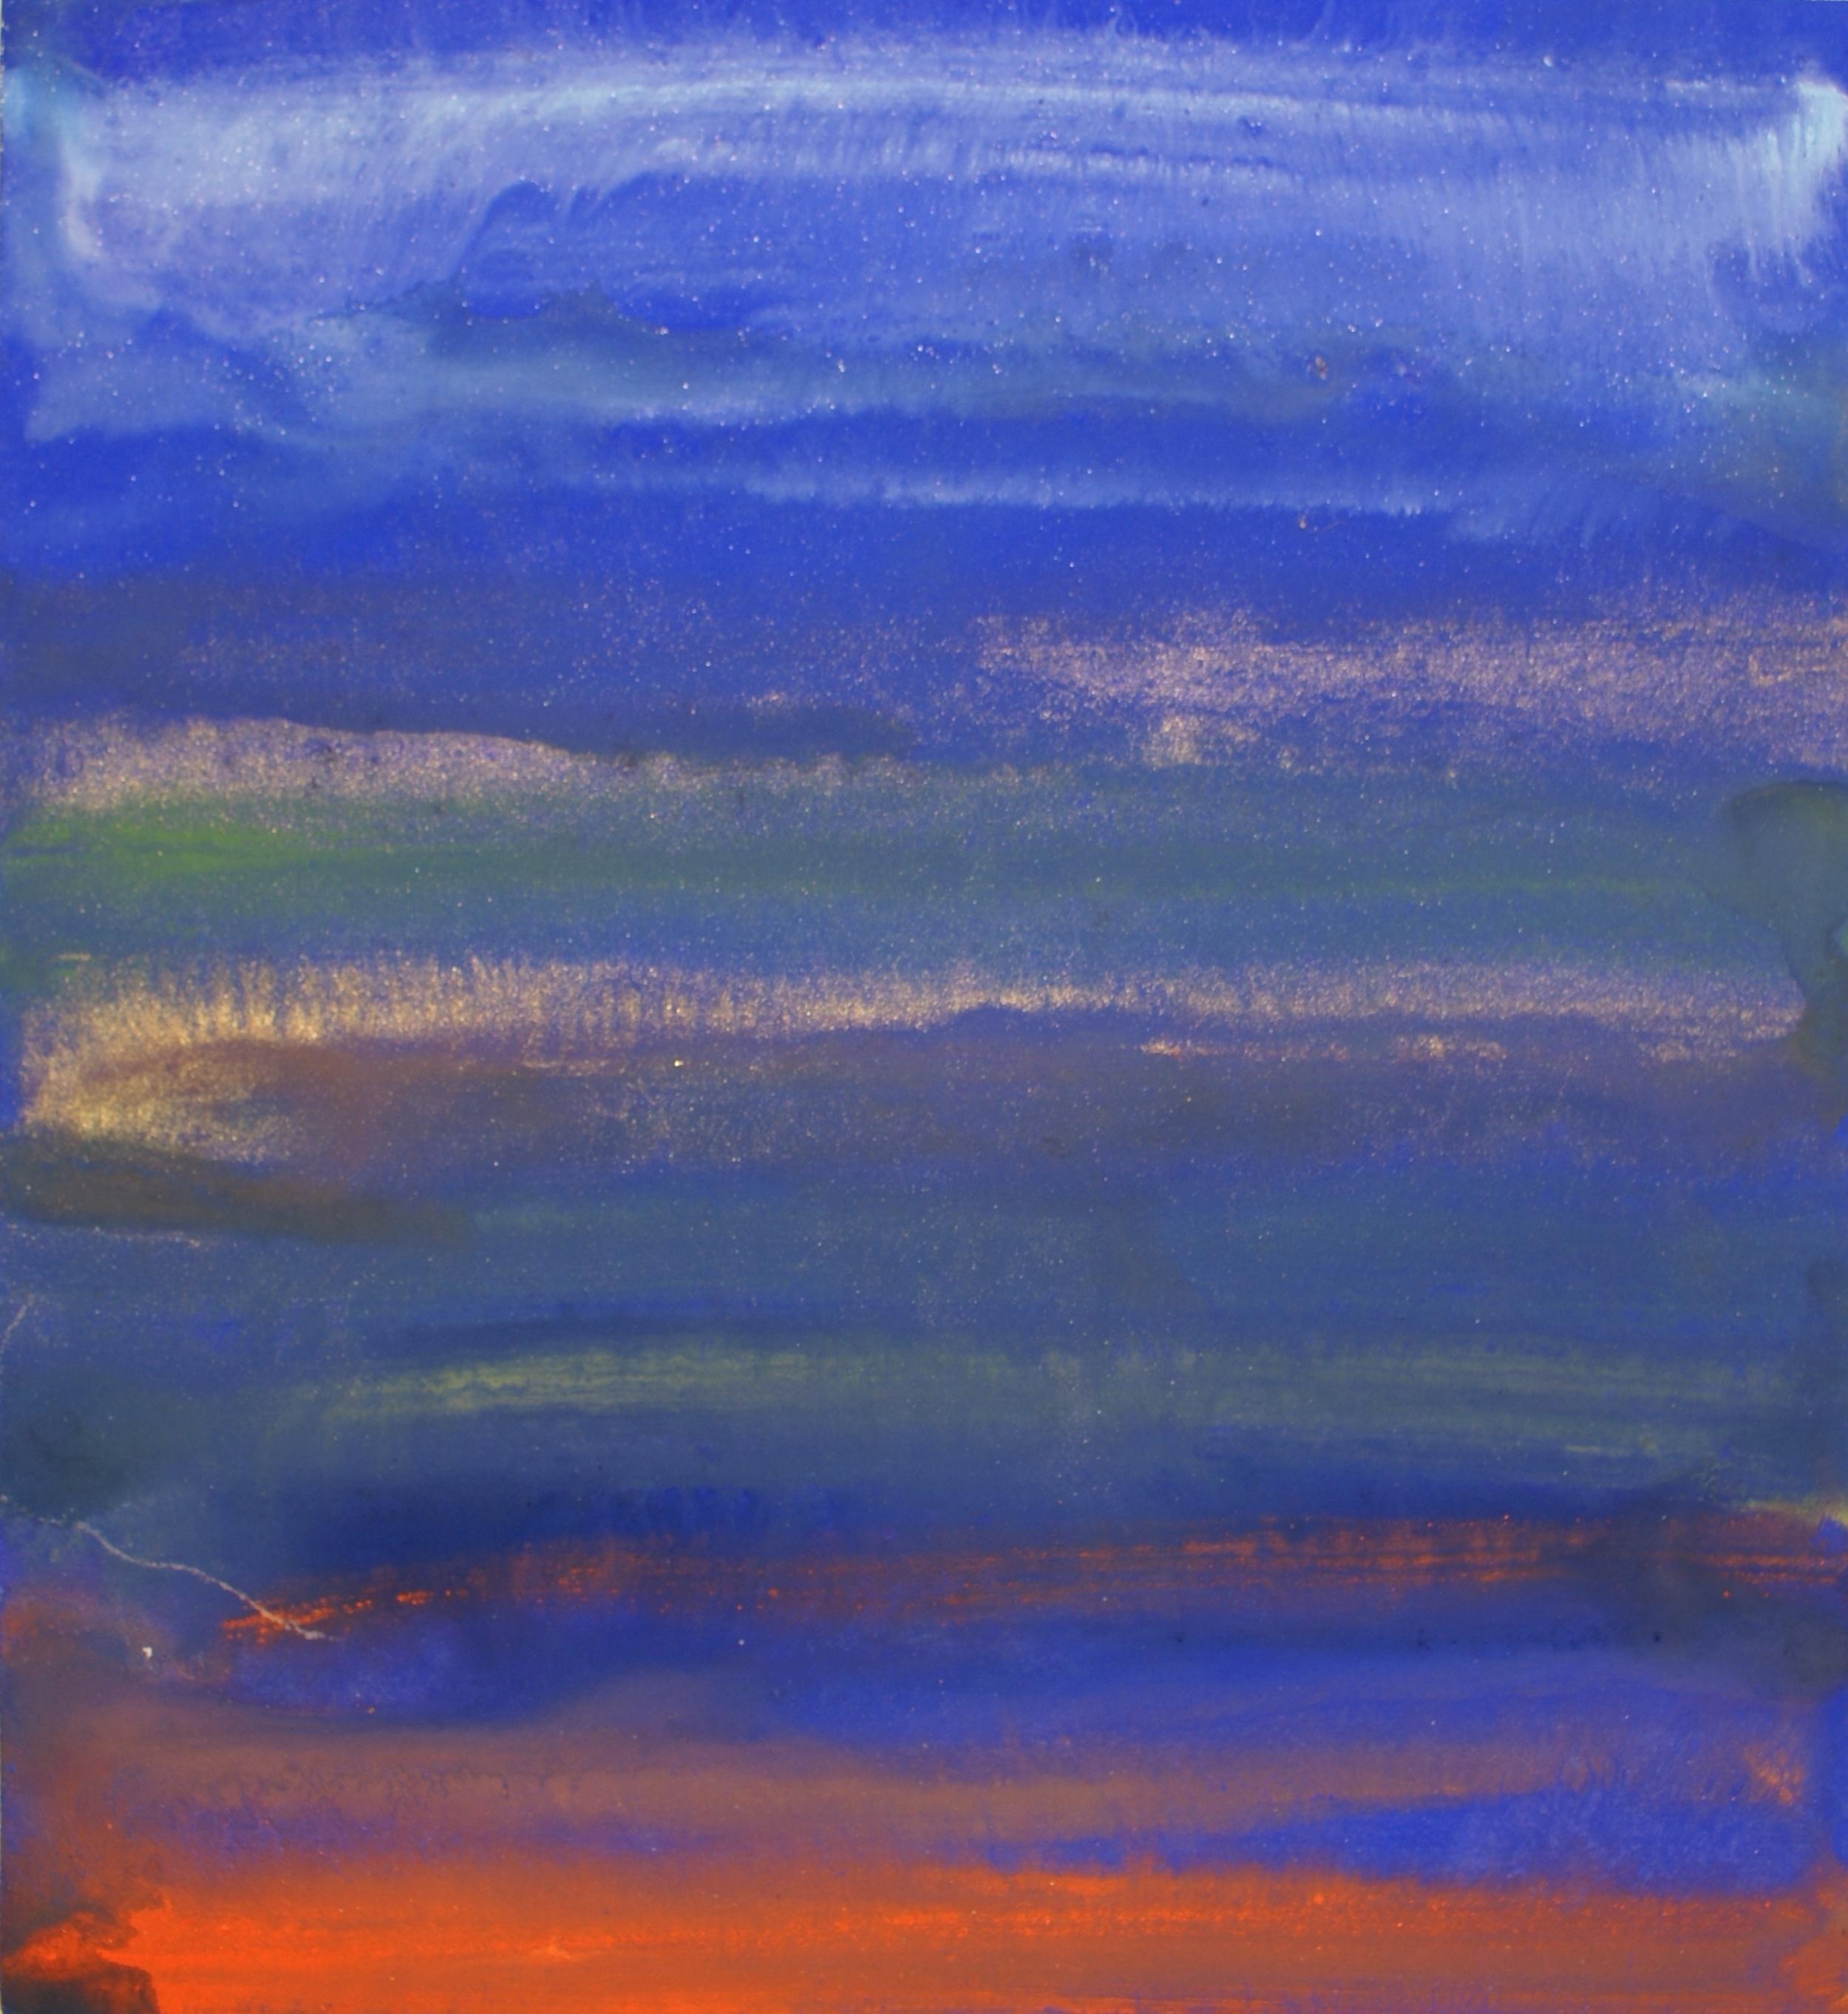 alfred dam serendib taprobhane I pigments egg tempera on paper 39,5 x 36 cm 2009 sri lanka